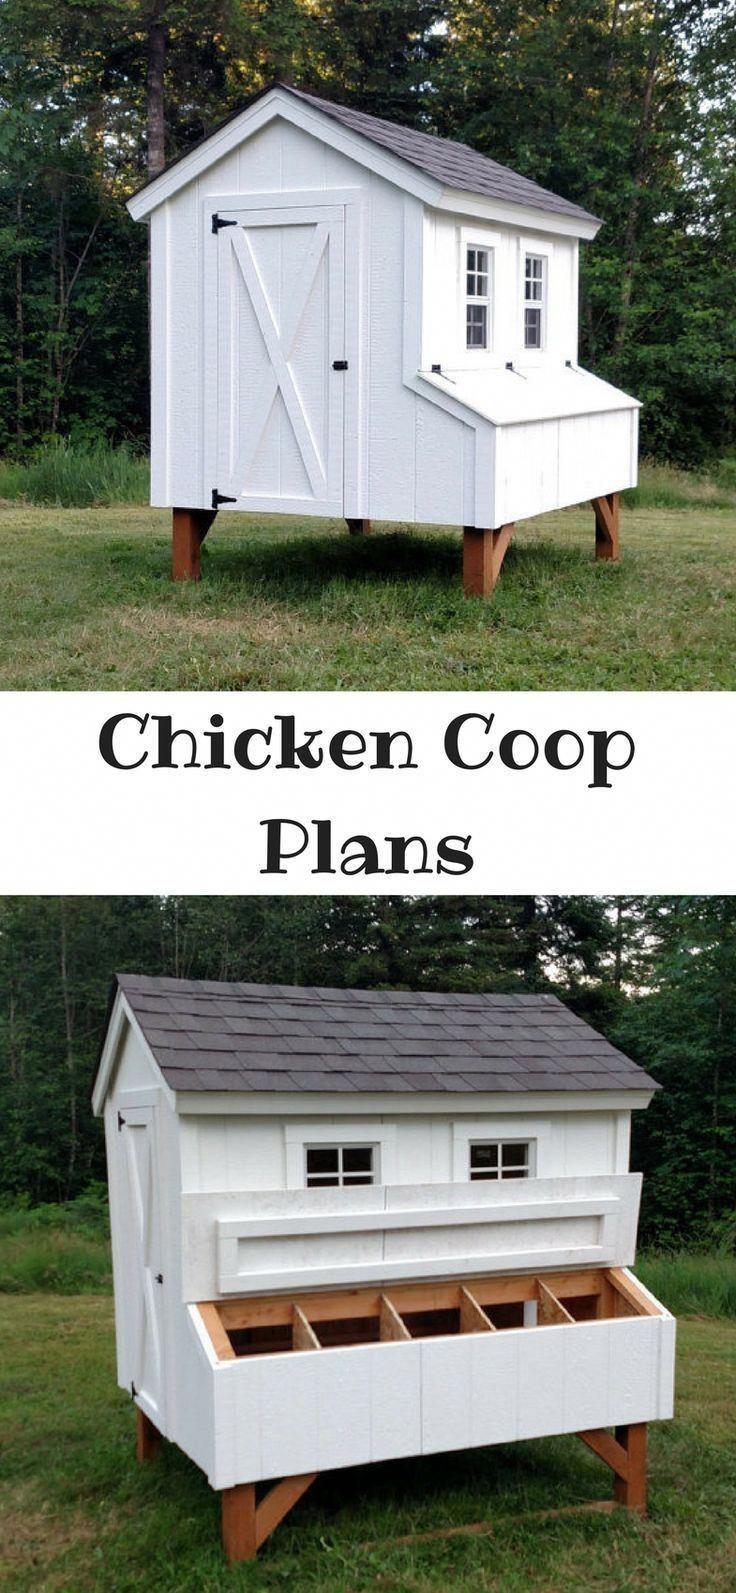 Raising Chickens – Chicken Coop Plans